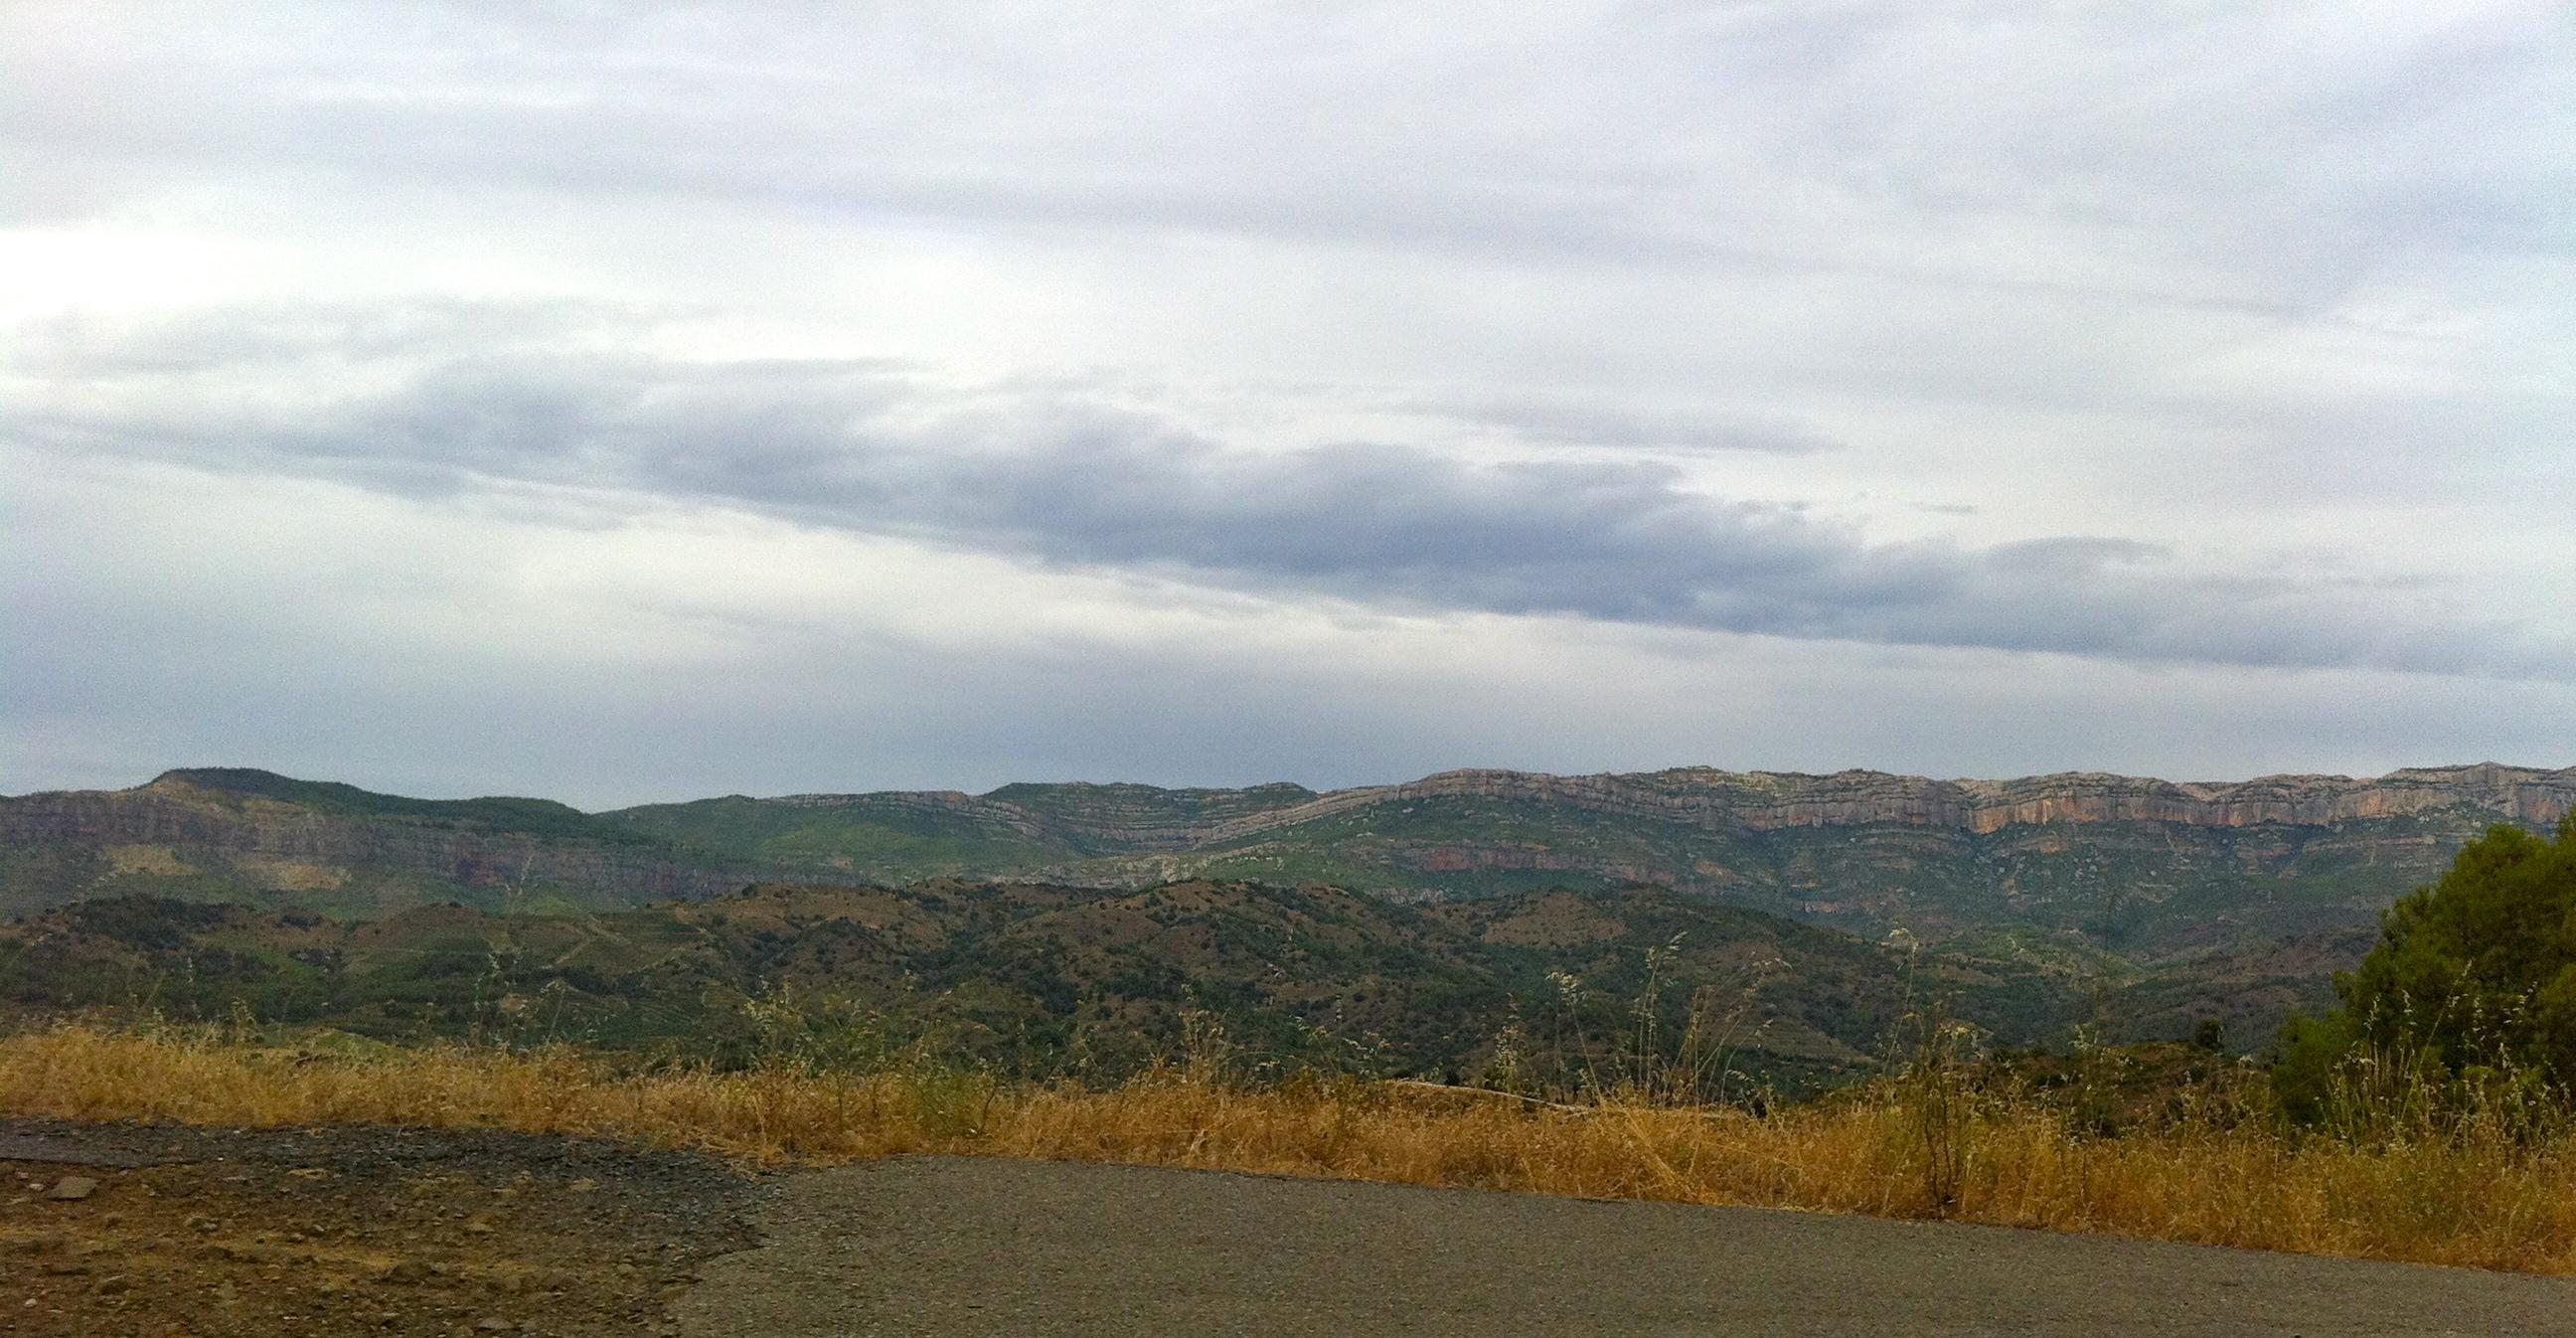 Priorat Region, Spain